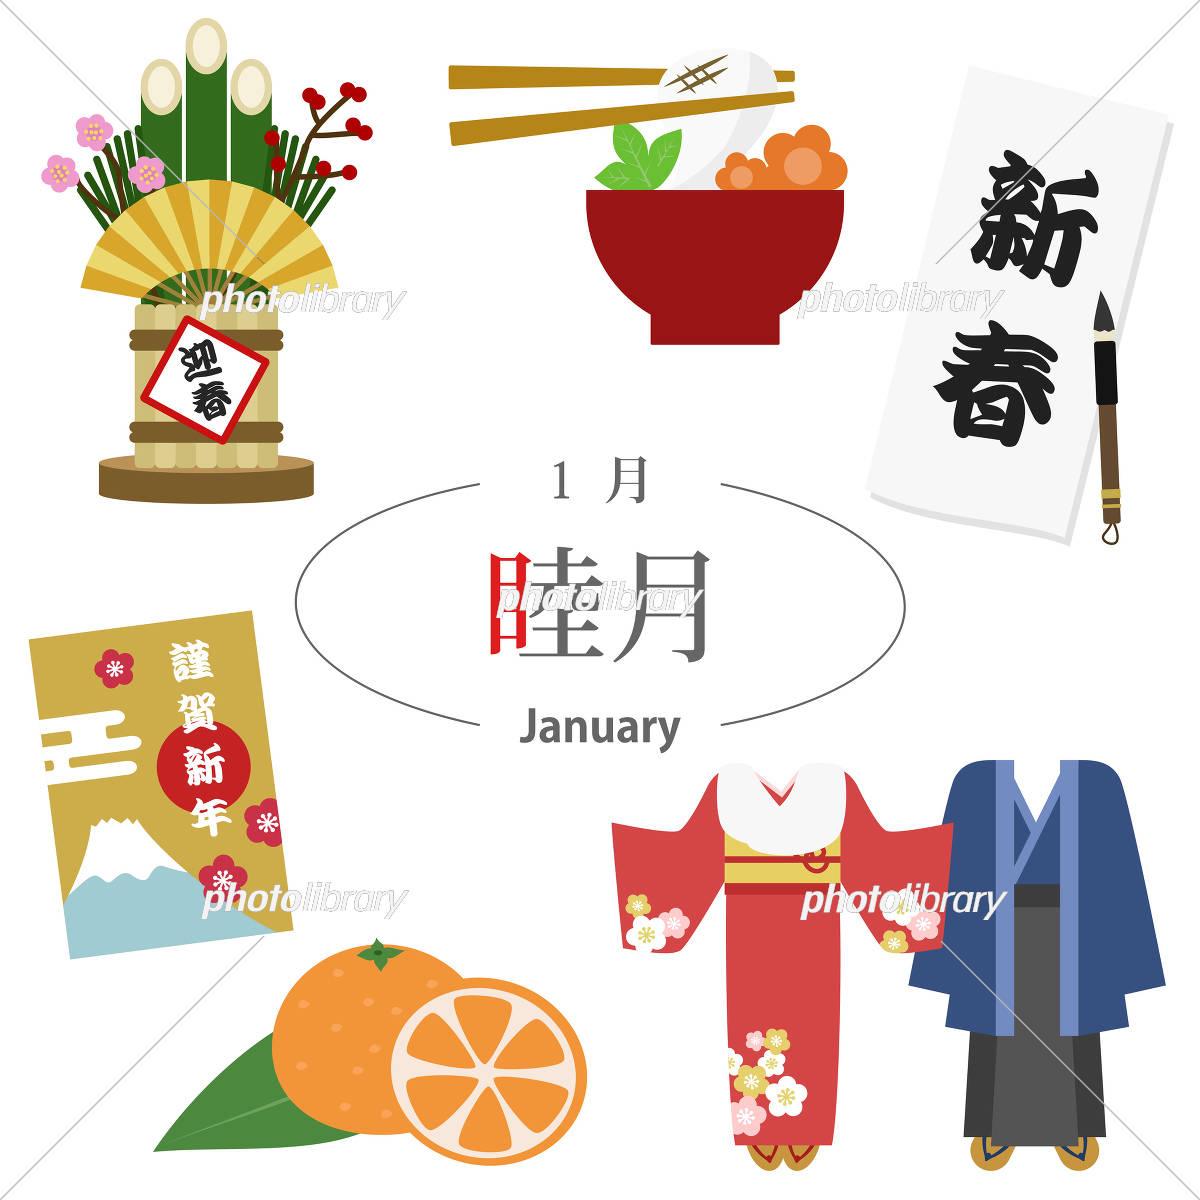 1月 睦月 イベント イラスト素材 フォトライブラリー Photolibrary